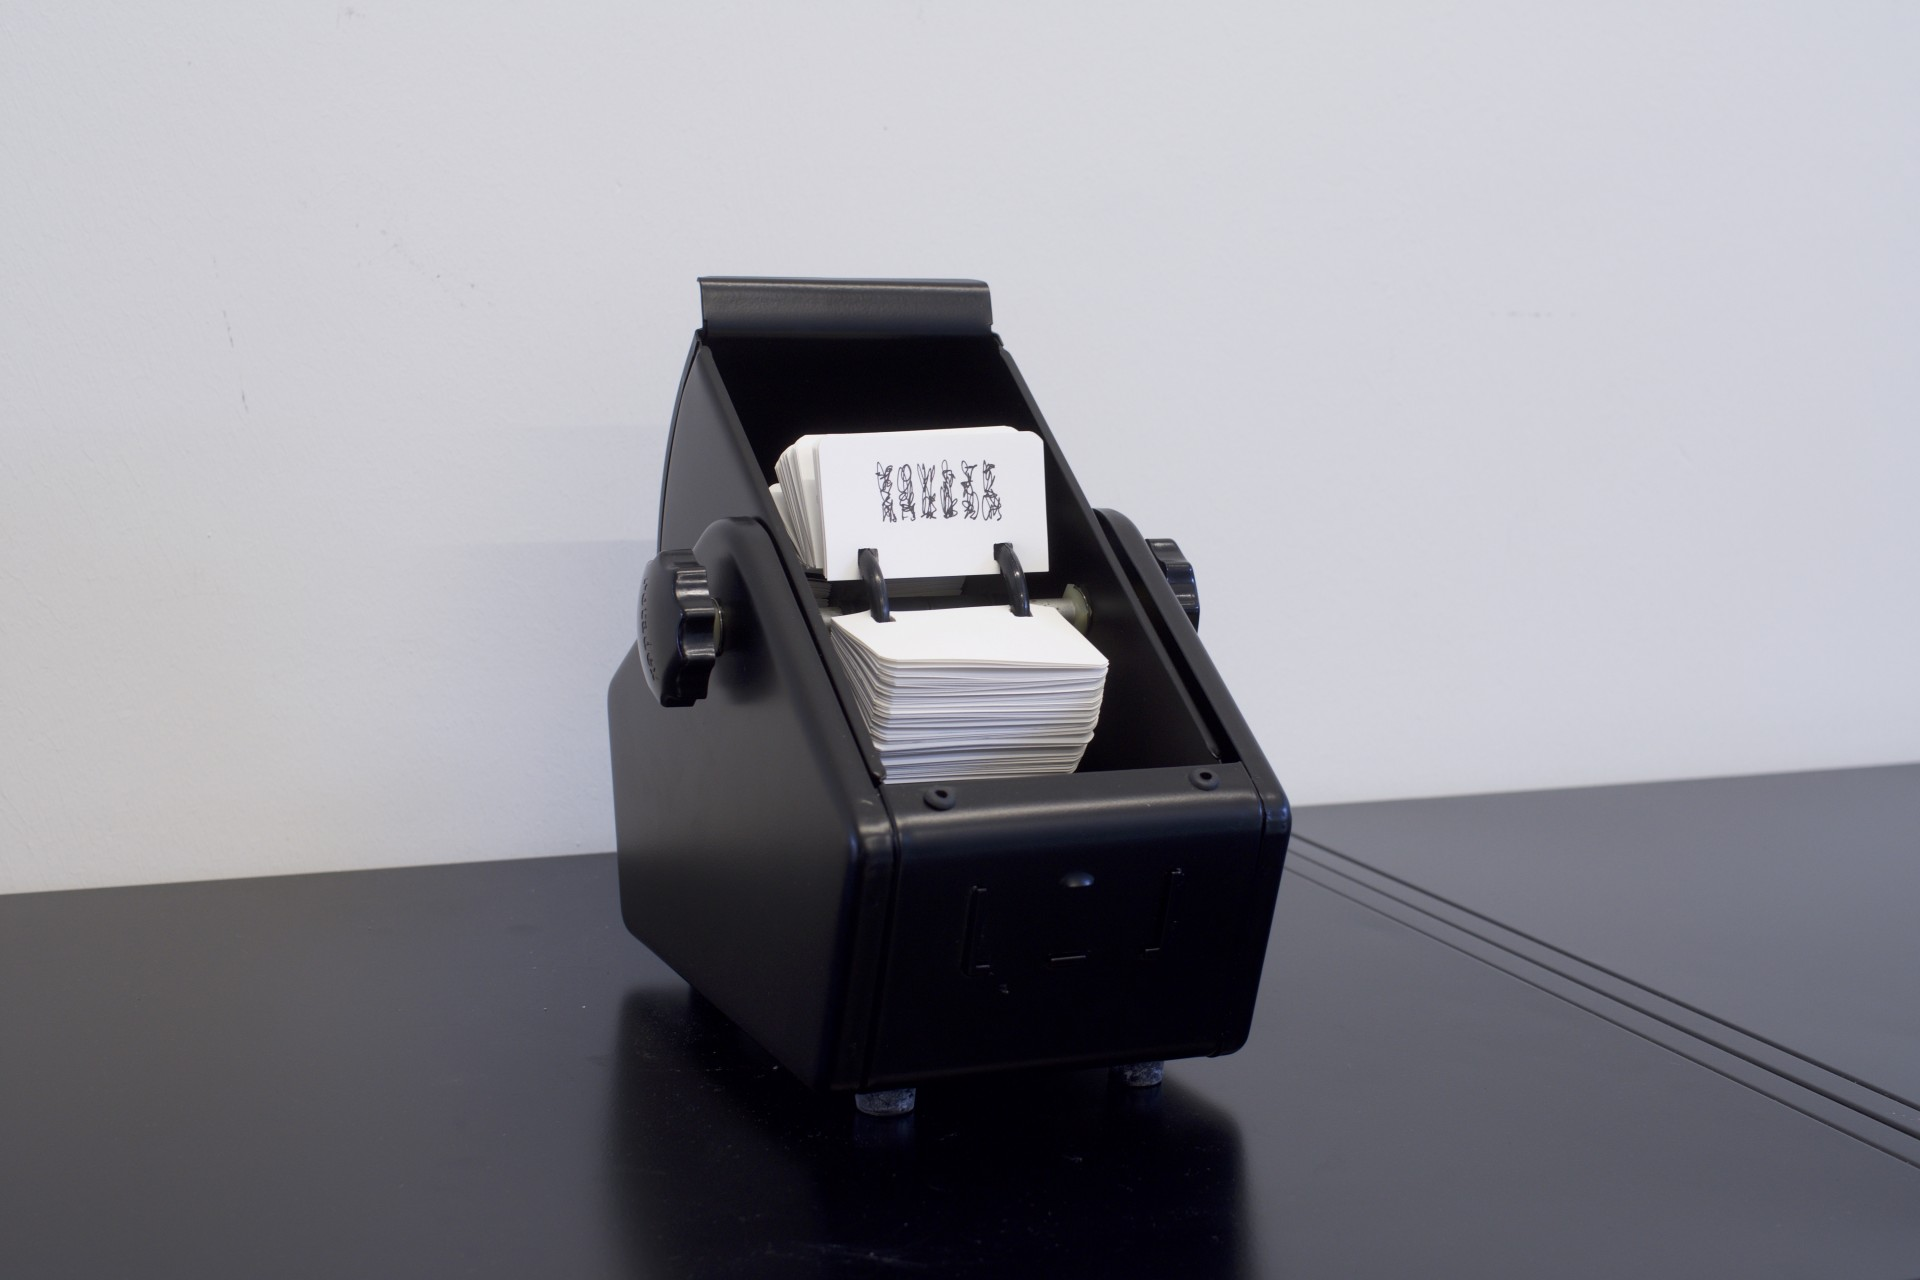 Rotadex, Stahlgehäuse mit 500 Karteikarten 8,9 x 5,2 cm, 2017